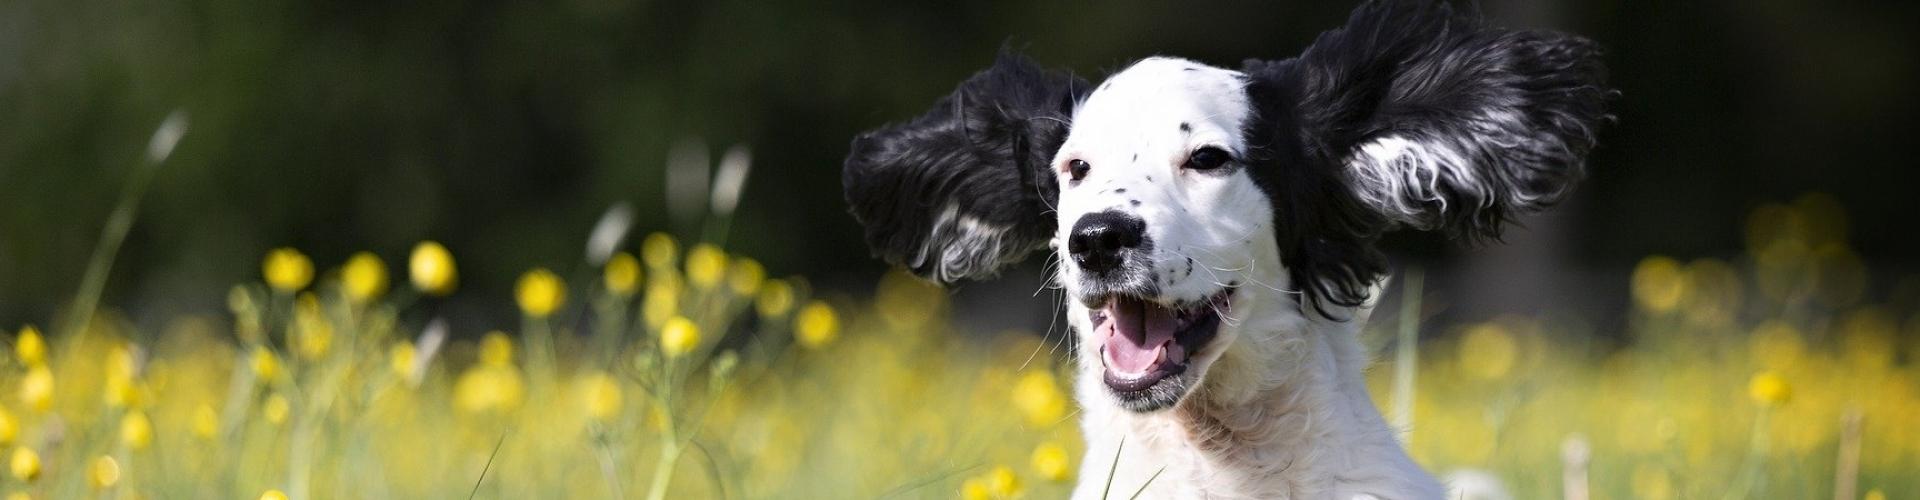 rennende hond in veld